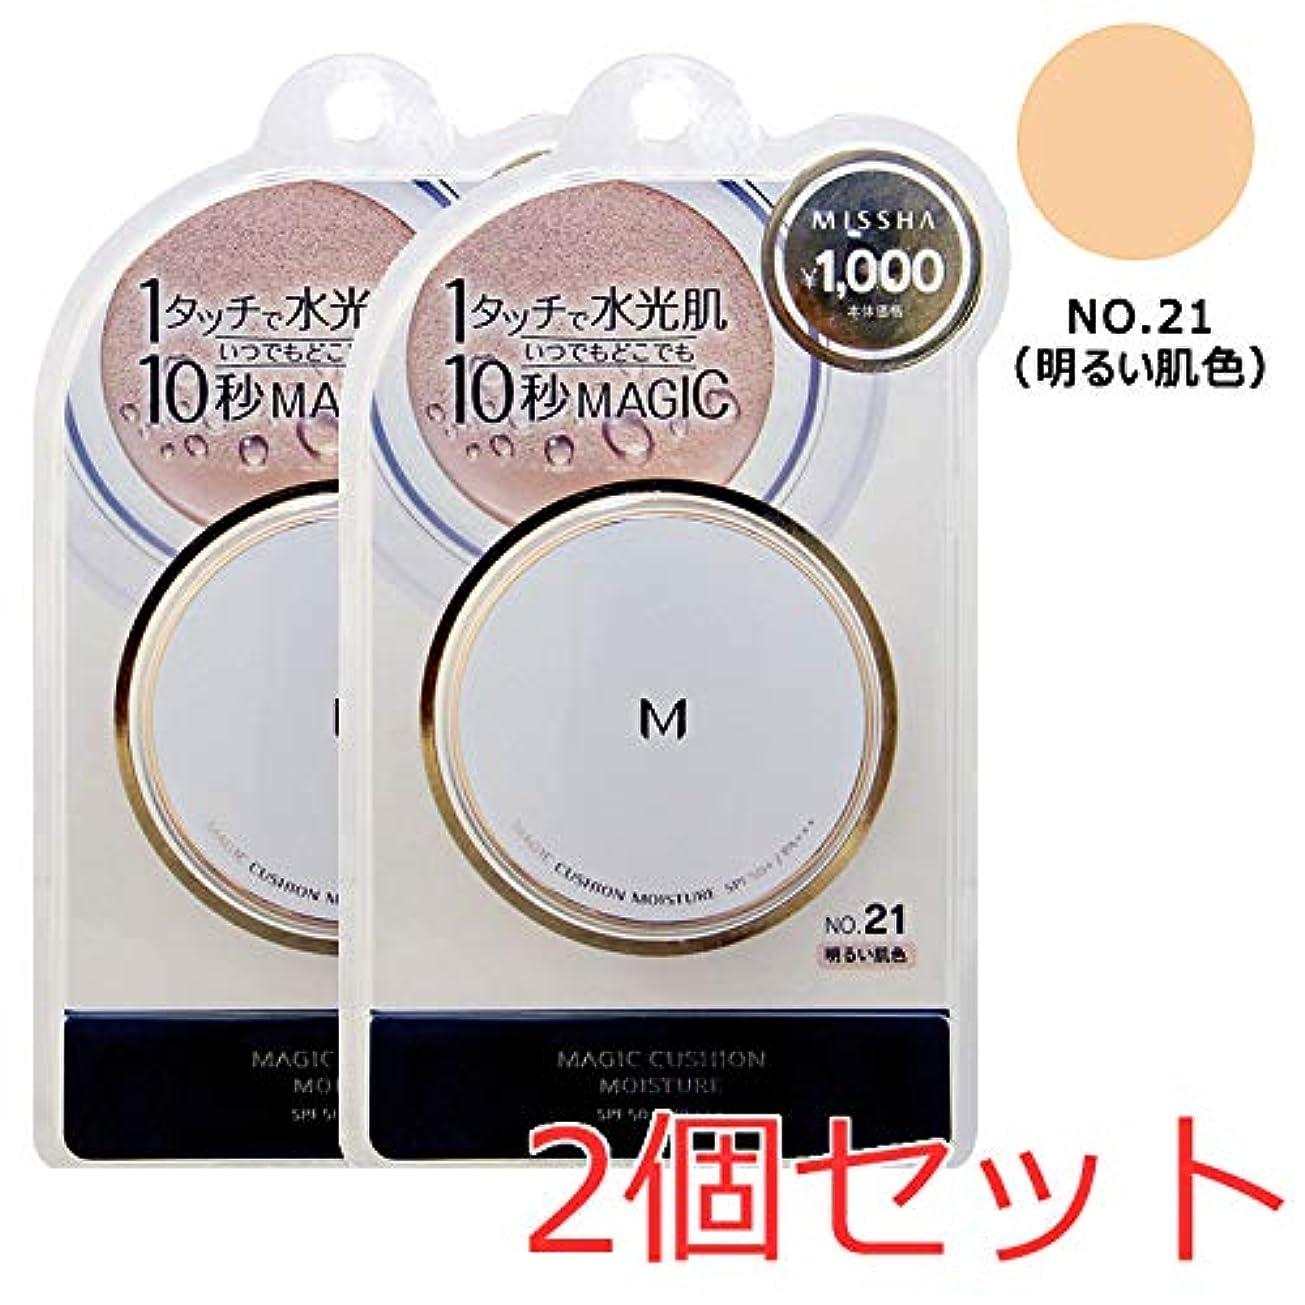 好み汚れた制限するミシャ M クッション ファンデーション (モイスチャー) No.21 明るい肌色 2個セット